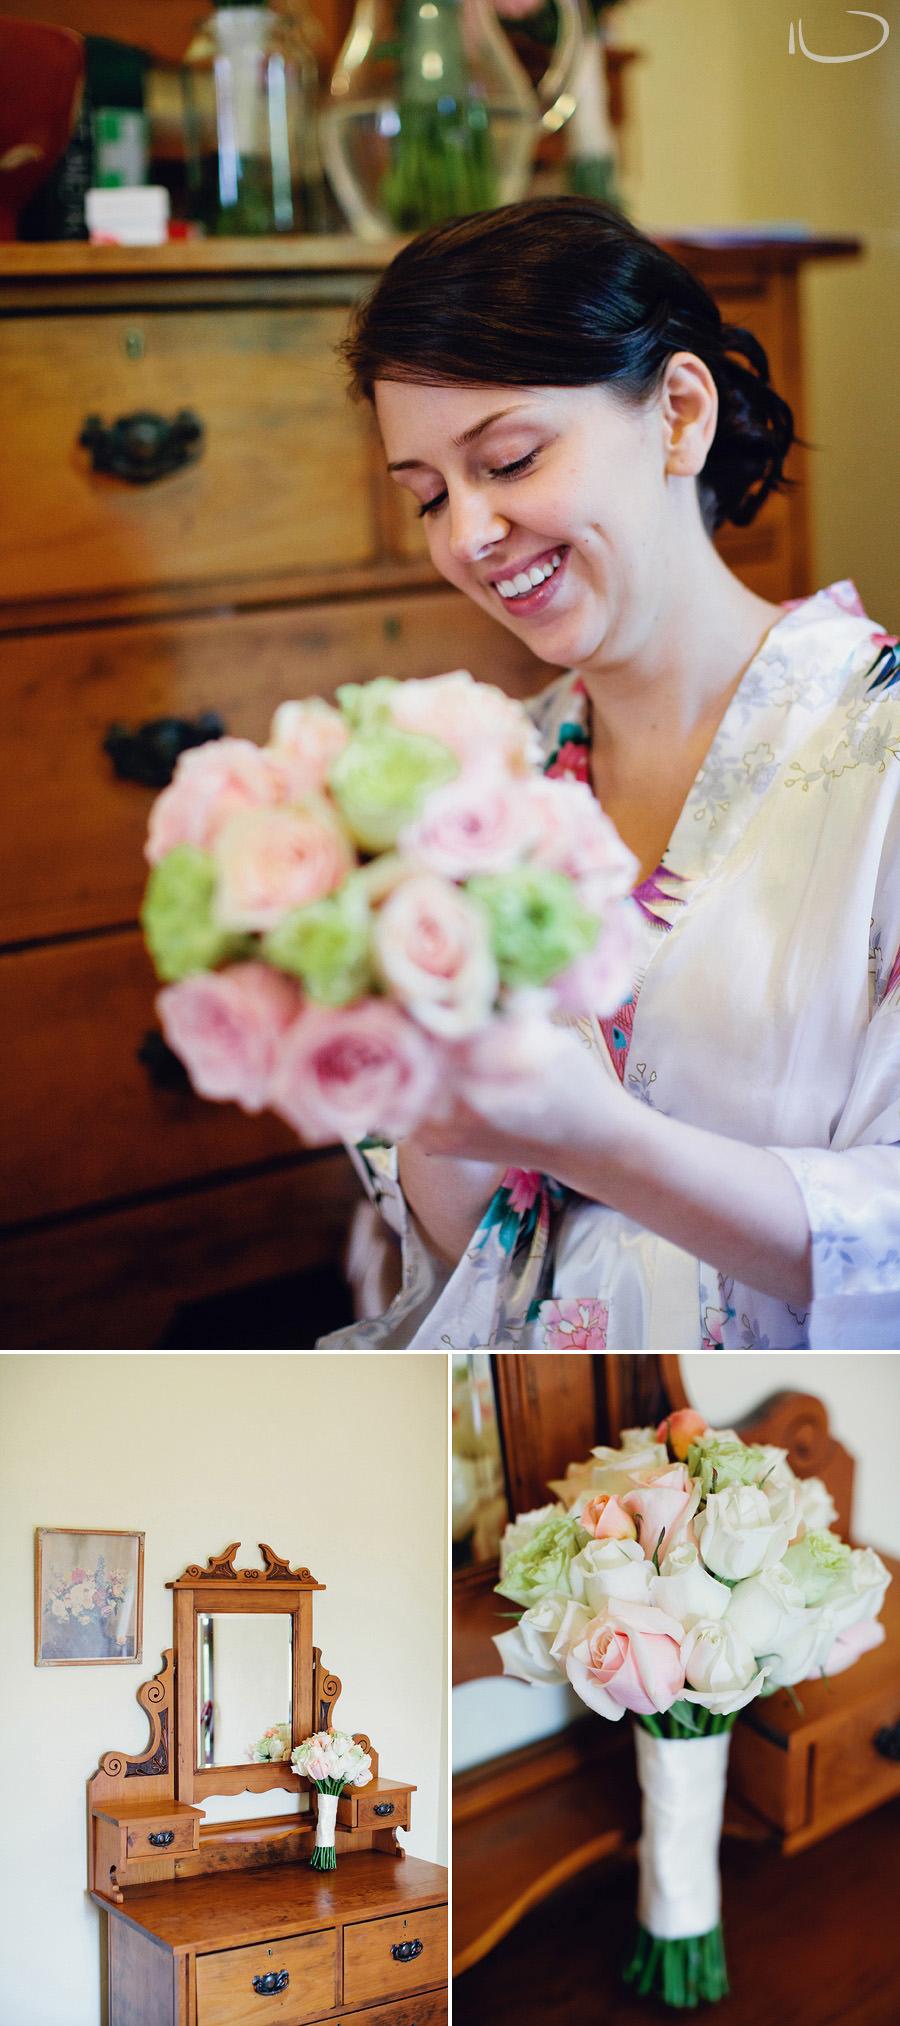 Glen Davis Wedding Photographer: Bride making bouquets